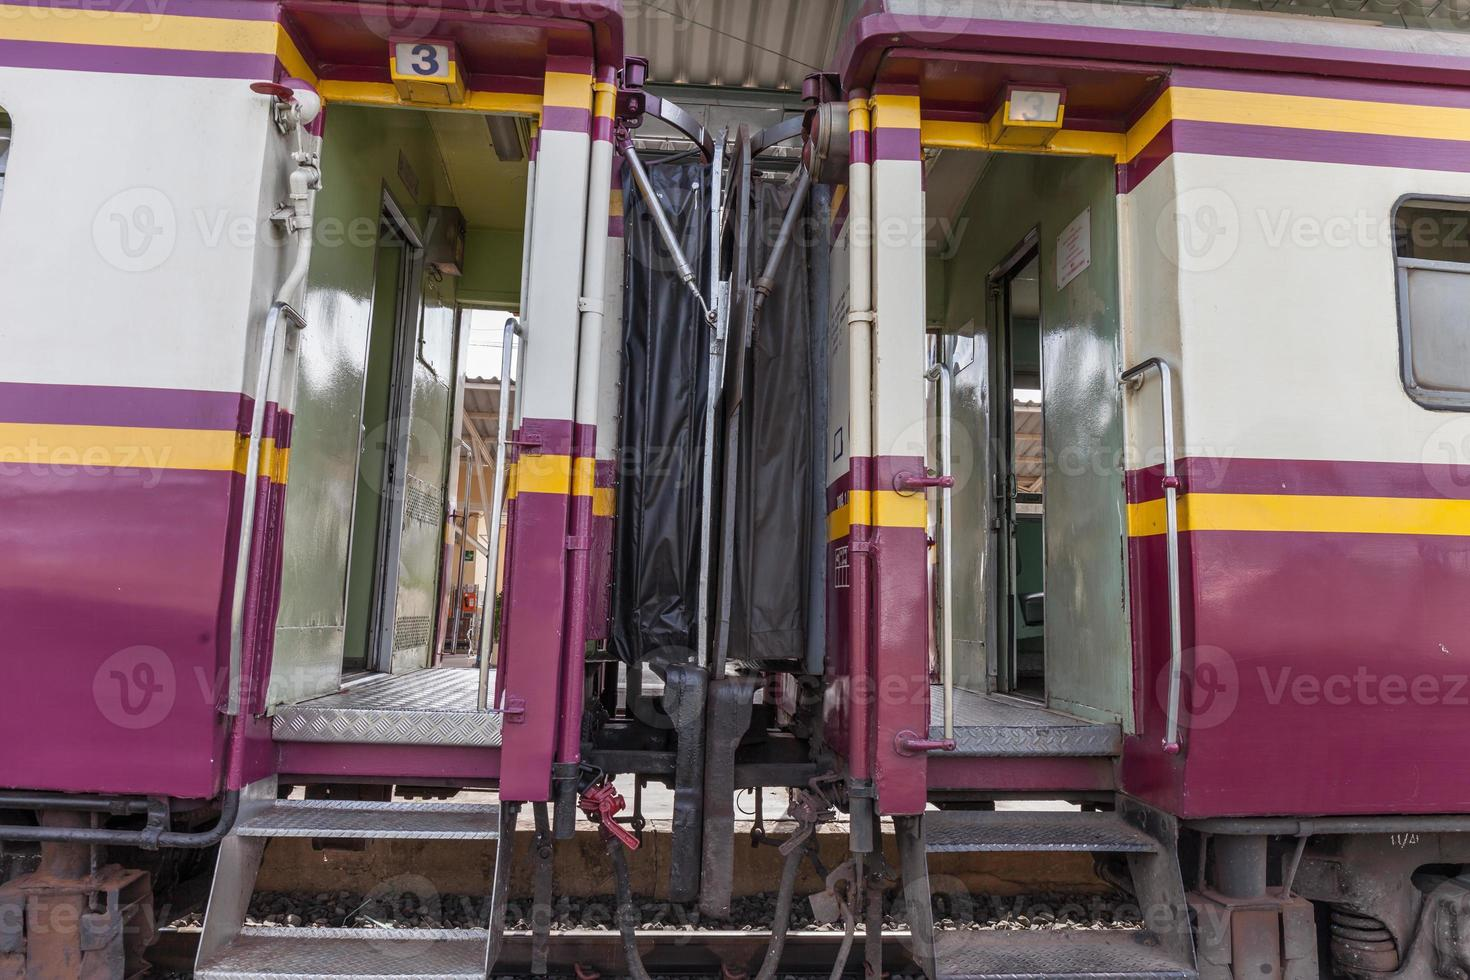 transporte de trem na estação de trem foto